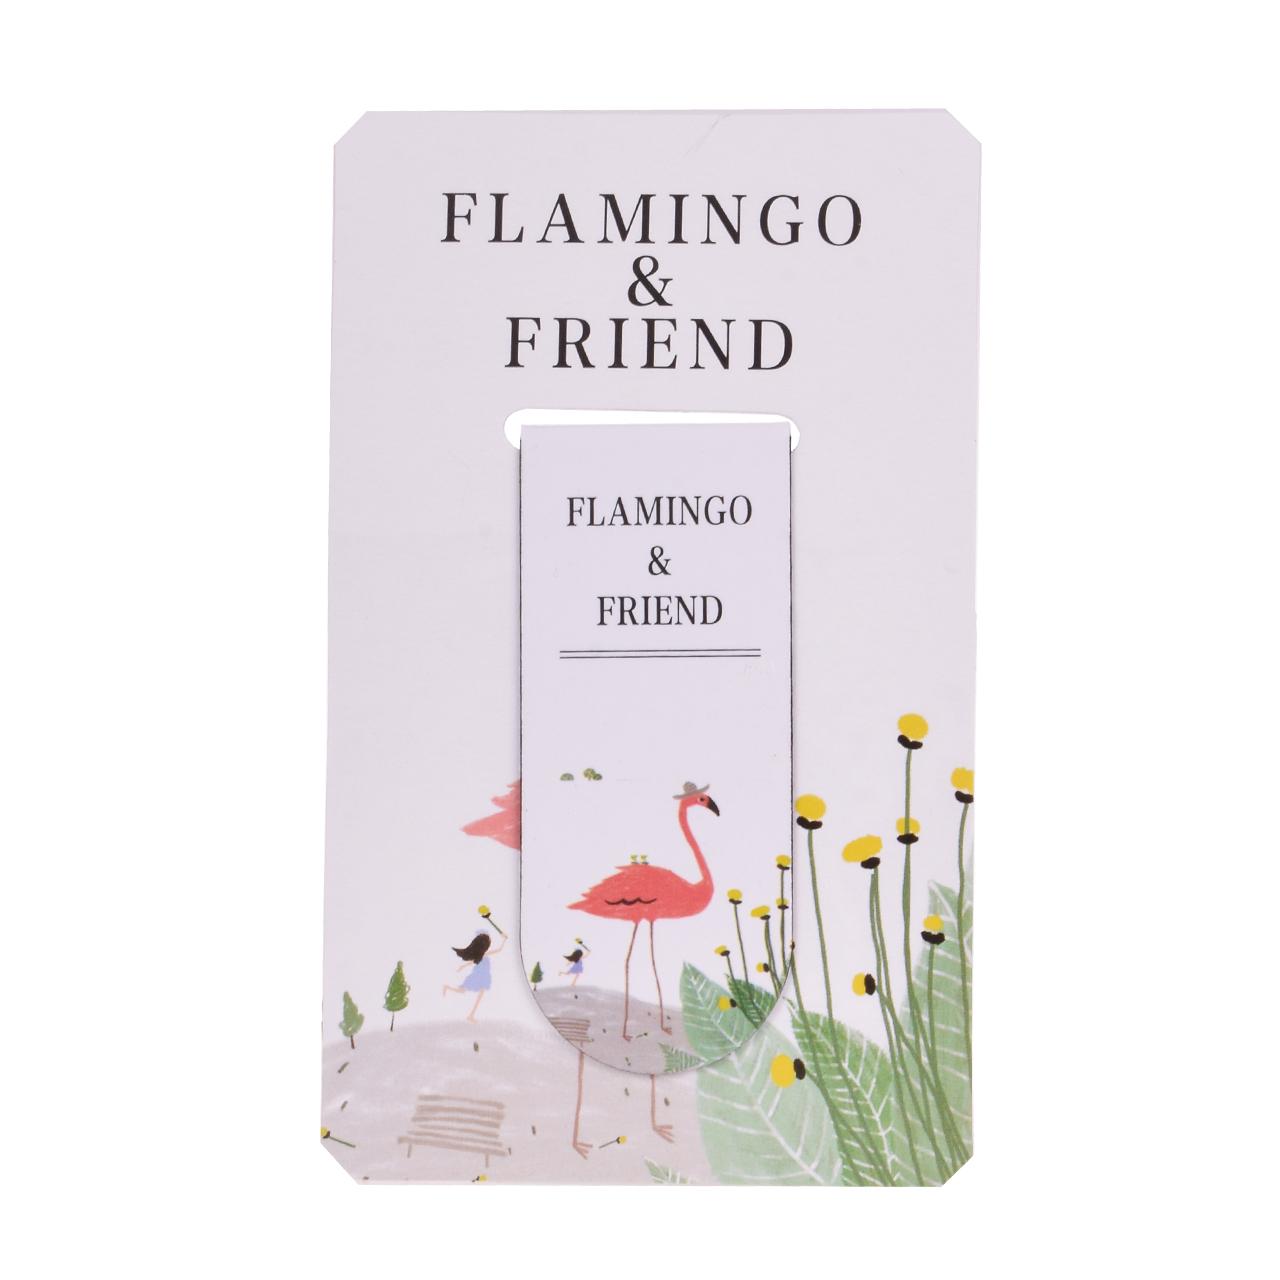 نشانگر کتاب مگنتی مدل Flamingo and friend 4